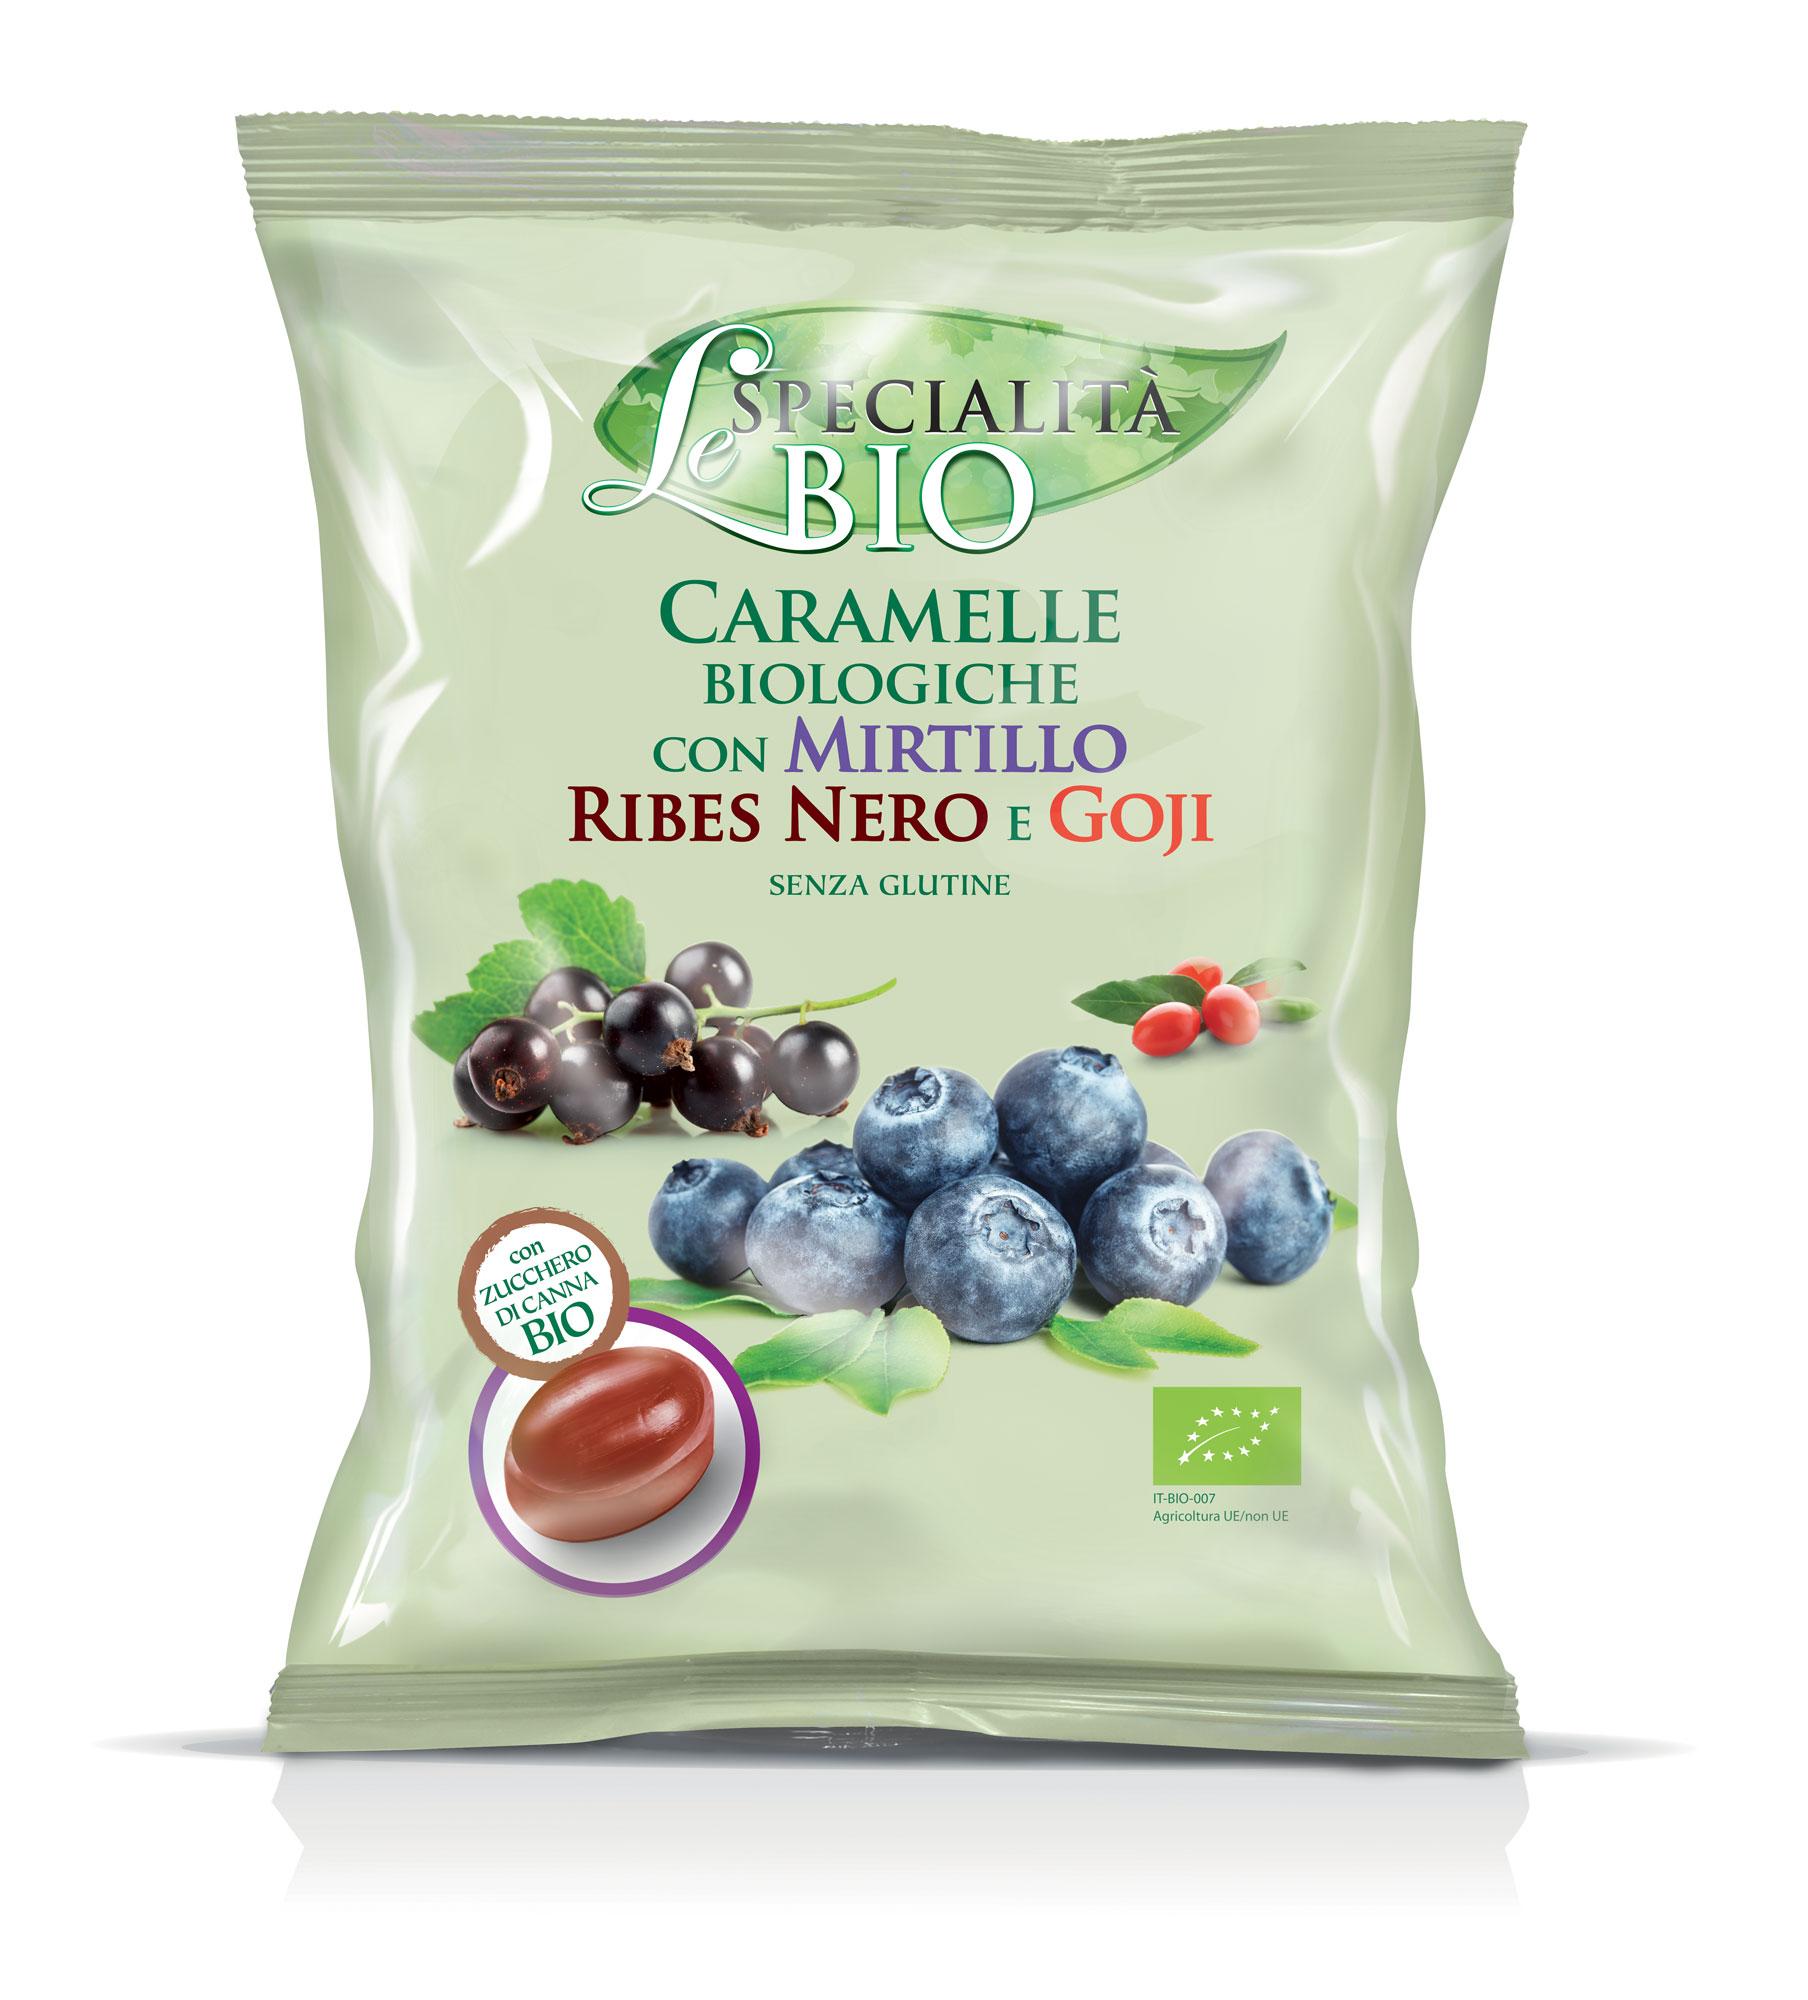 Конфеты Le Specialita Bio с черникой черной смородиной и ягодами годжи